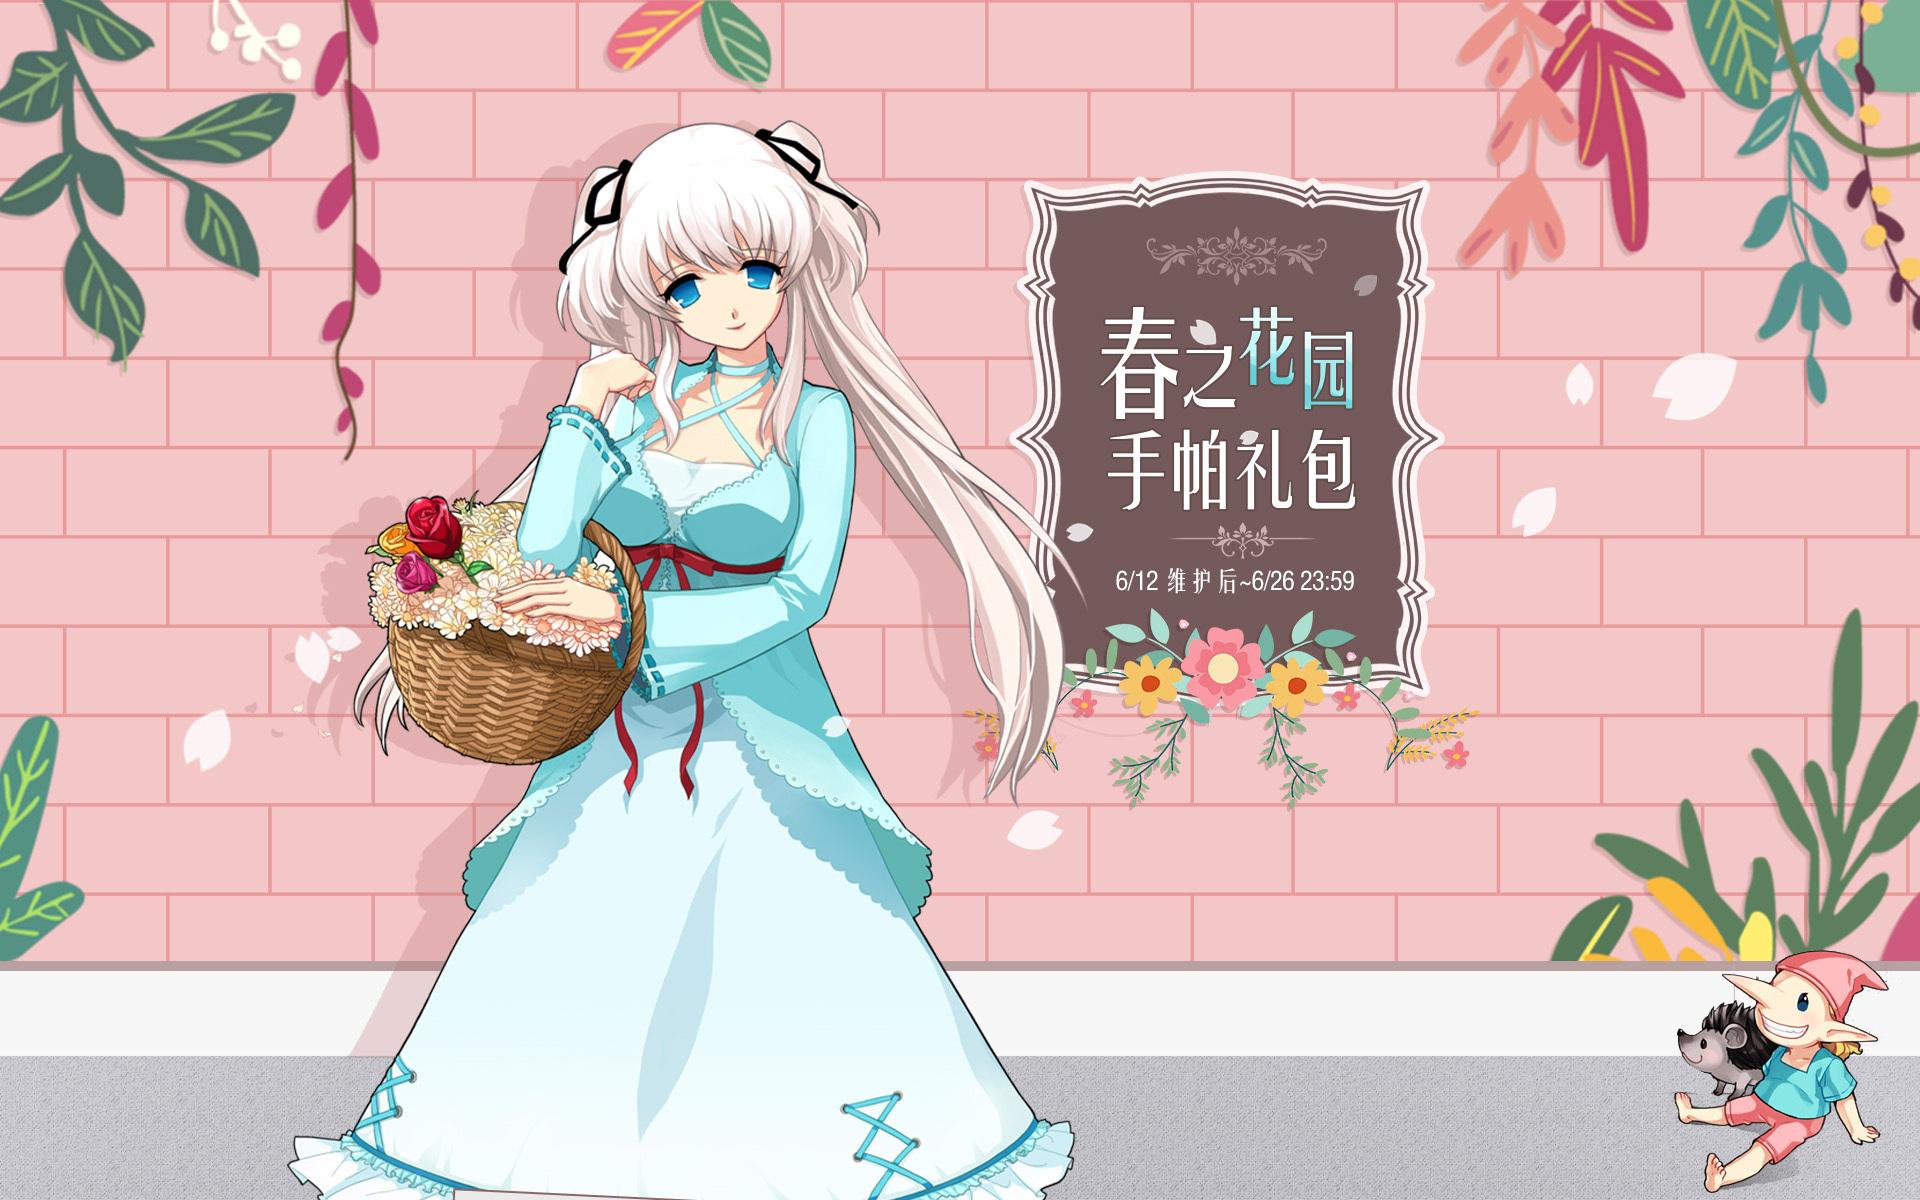 中国マビ190612-4